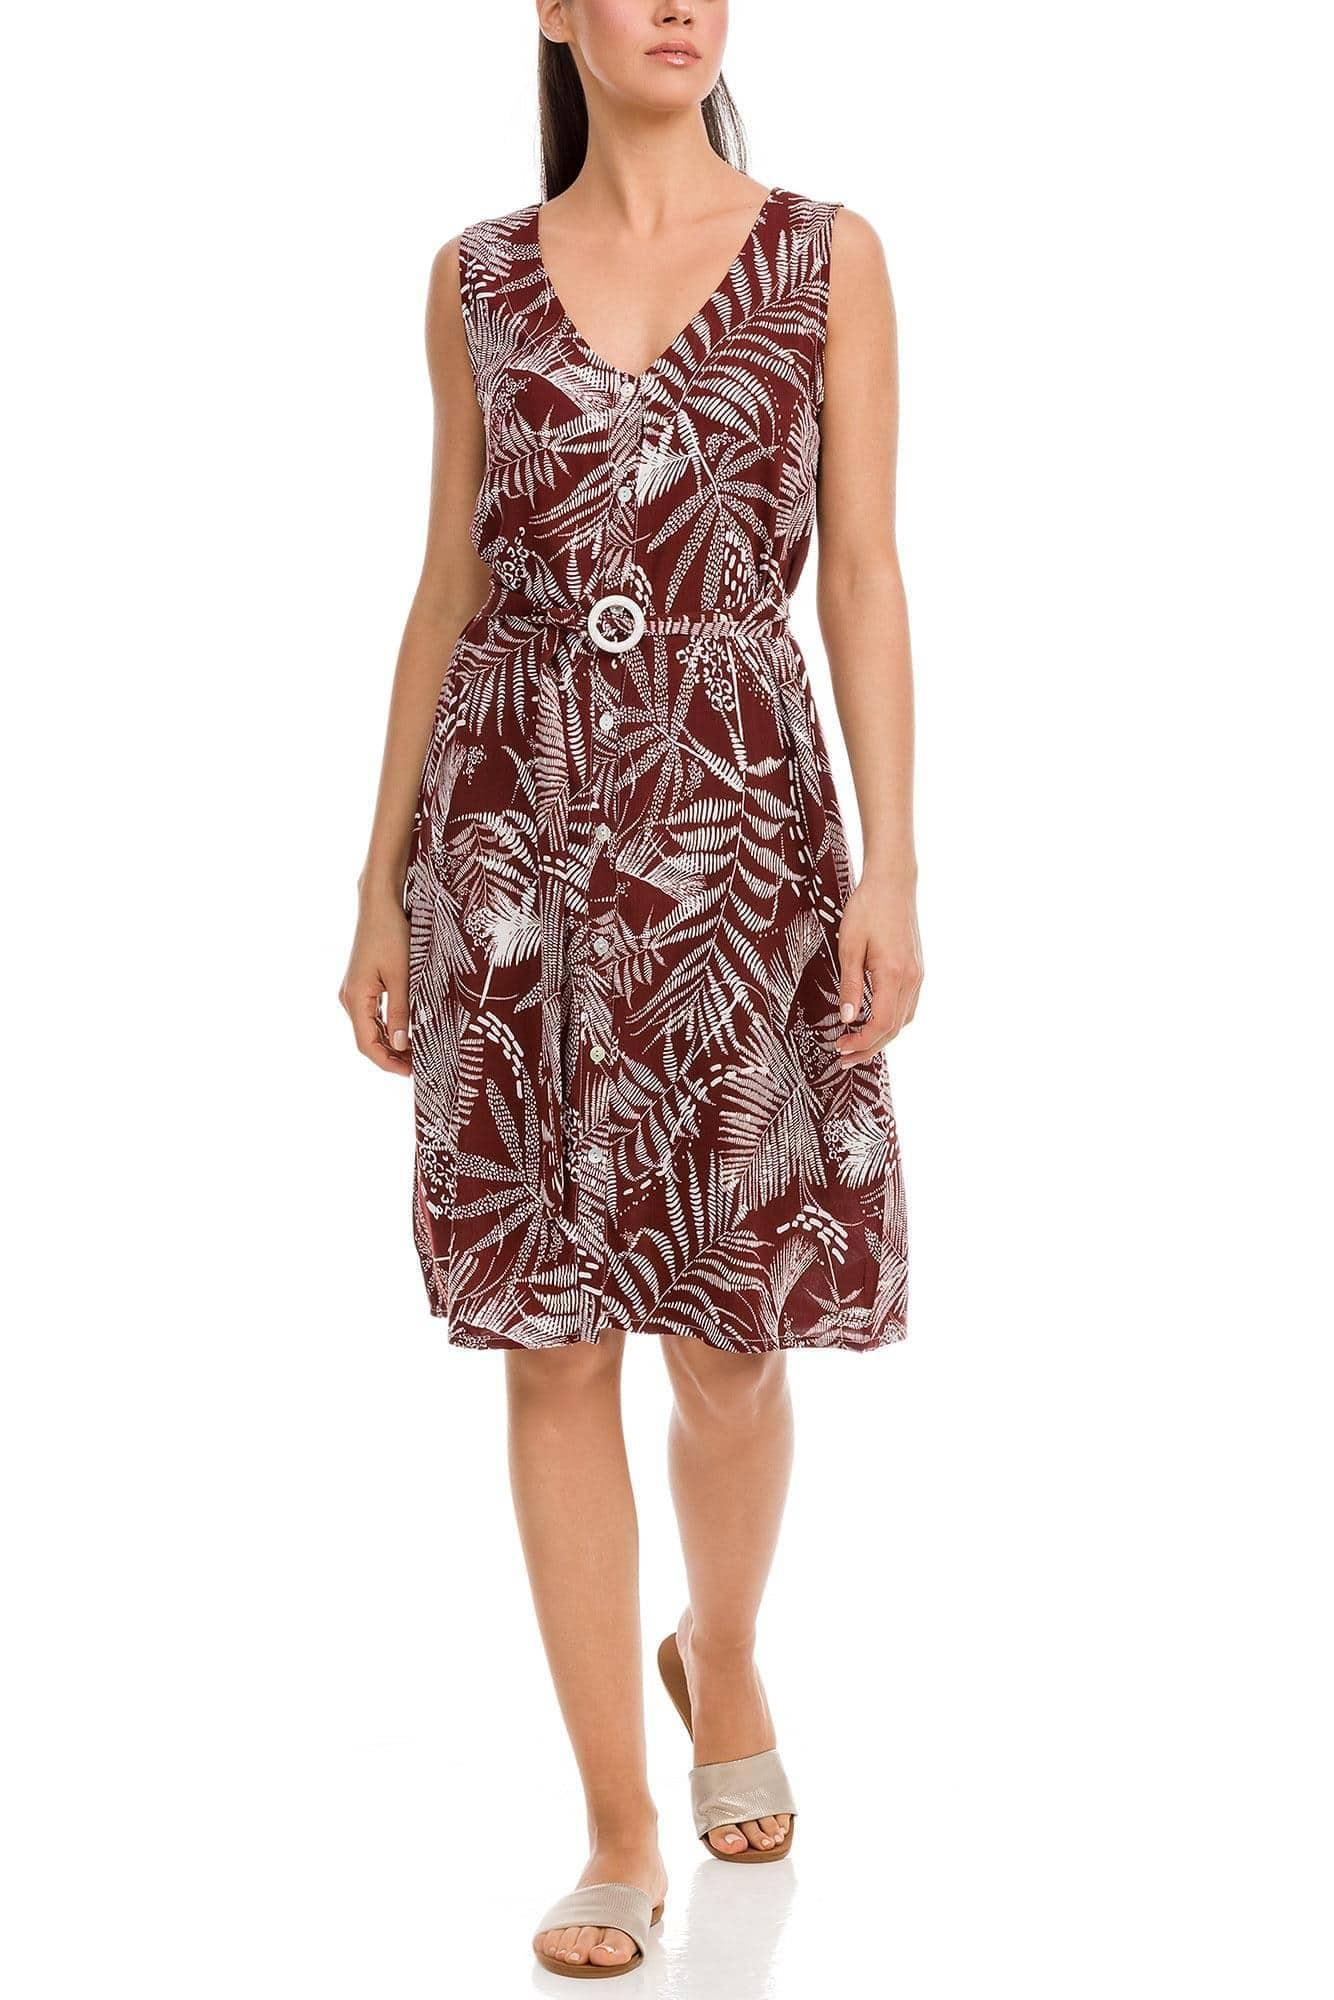 Φόρεμα Σεμιζιέ Exotic